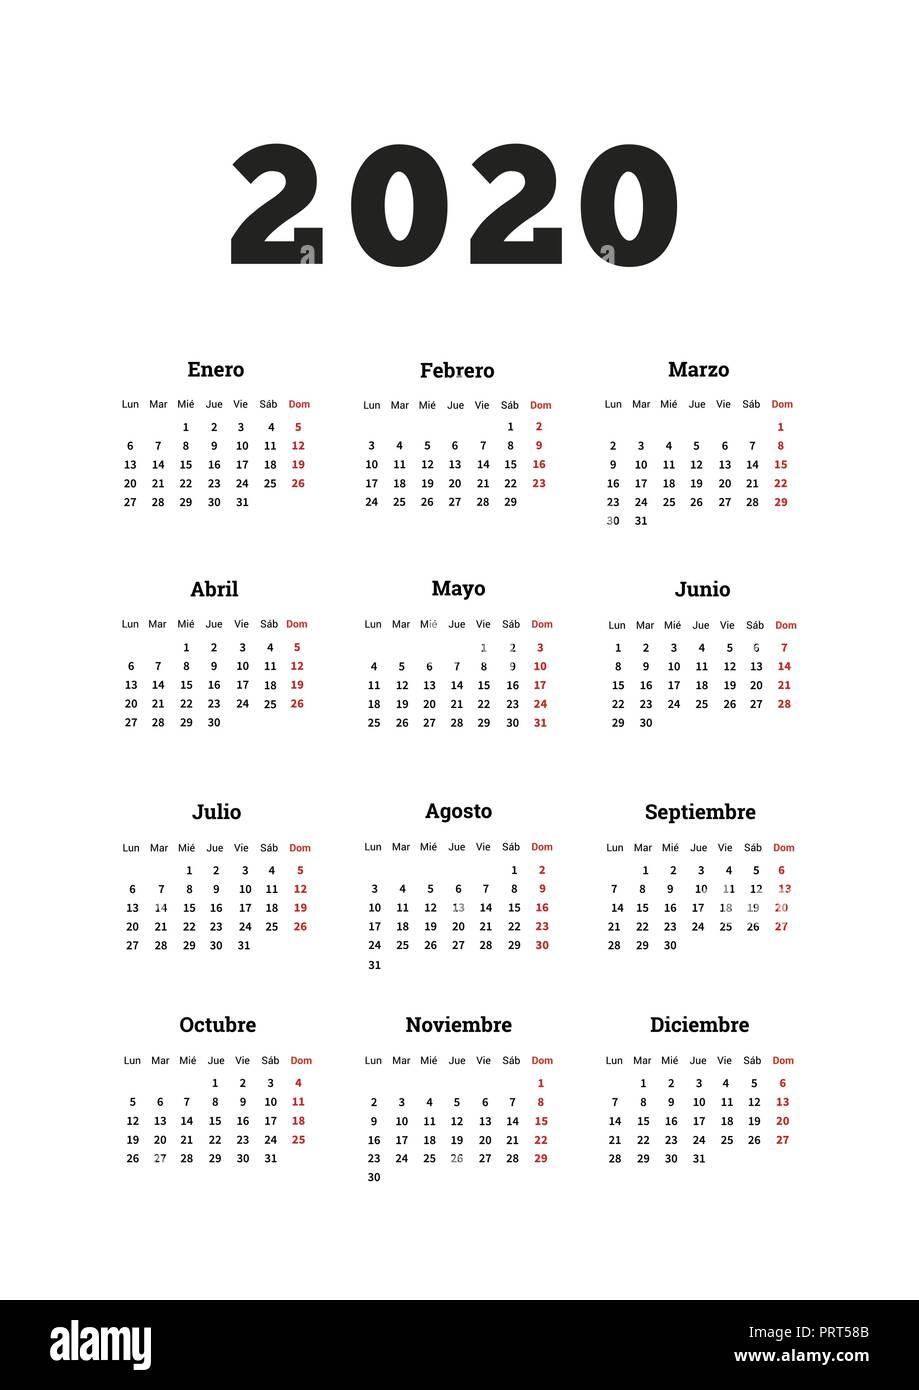 Calendario 2020 Da Stampare A4.Spanish Daily Planner Immagini Spanish Daily Planner Fotos